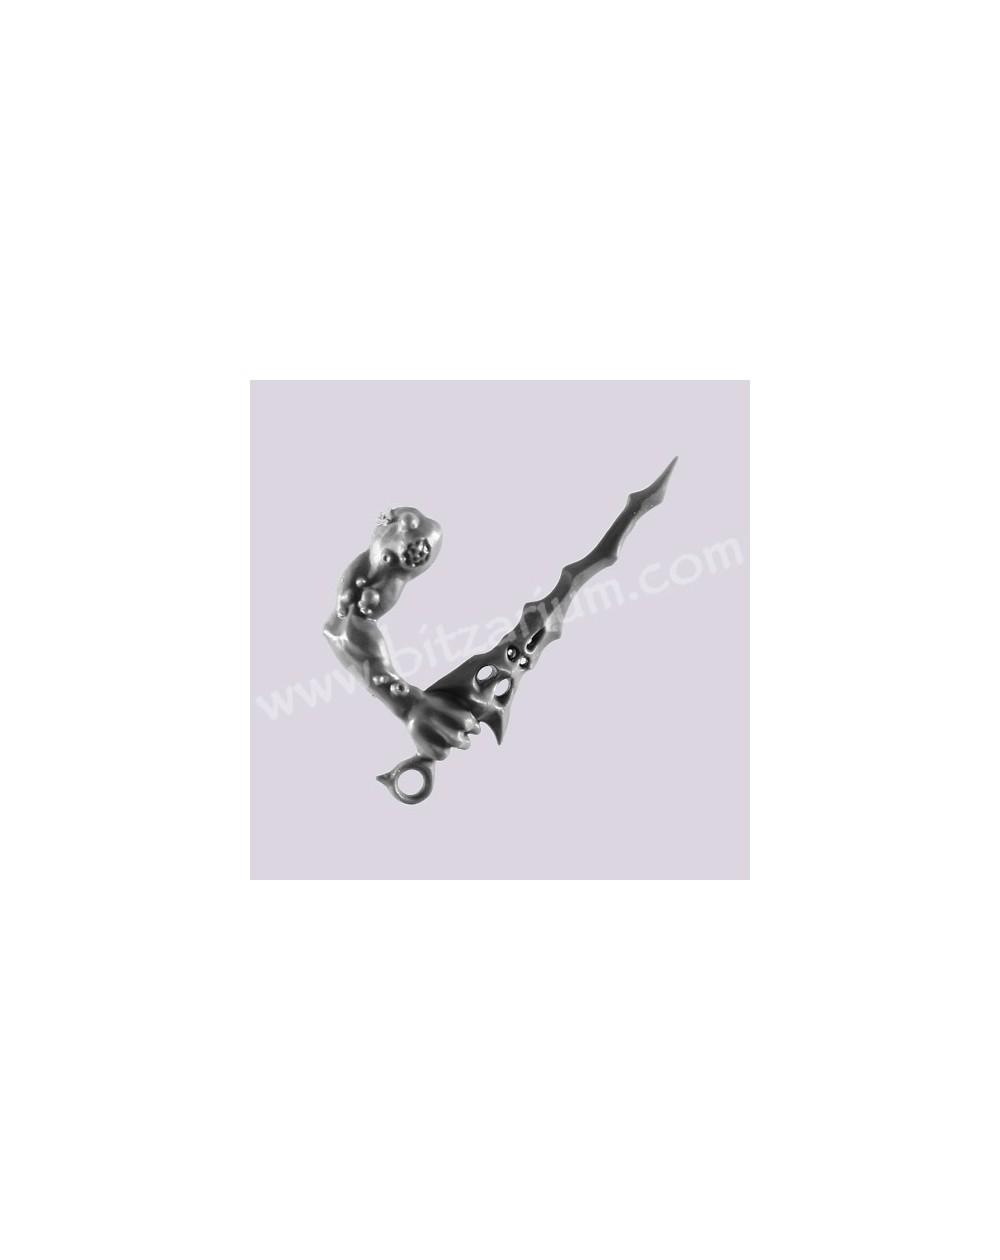 Sword G